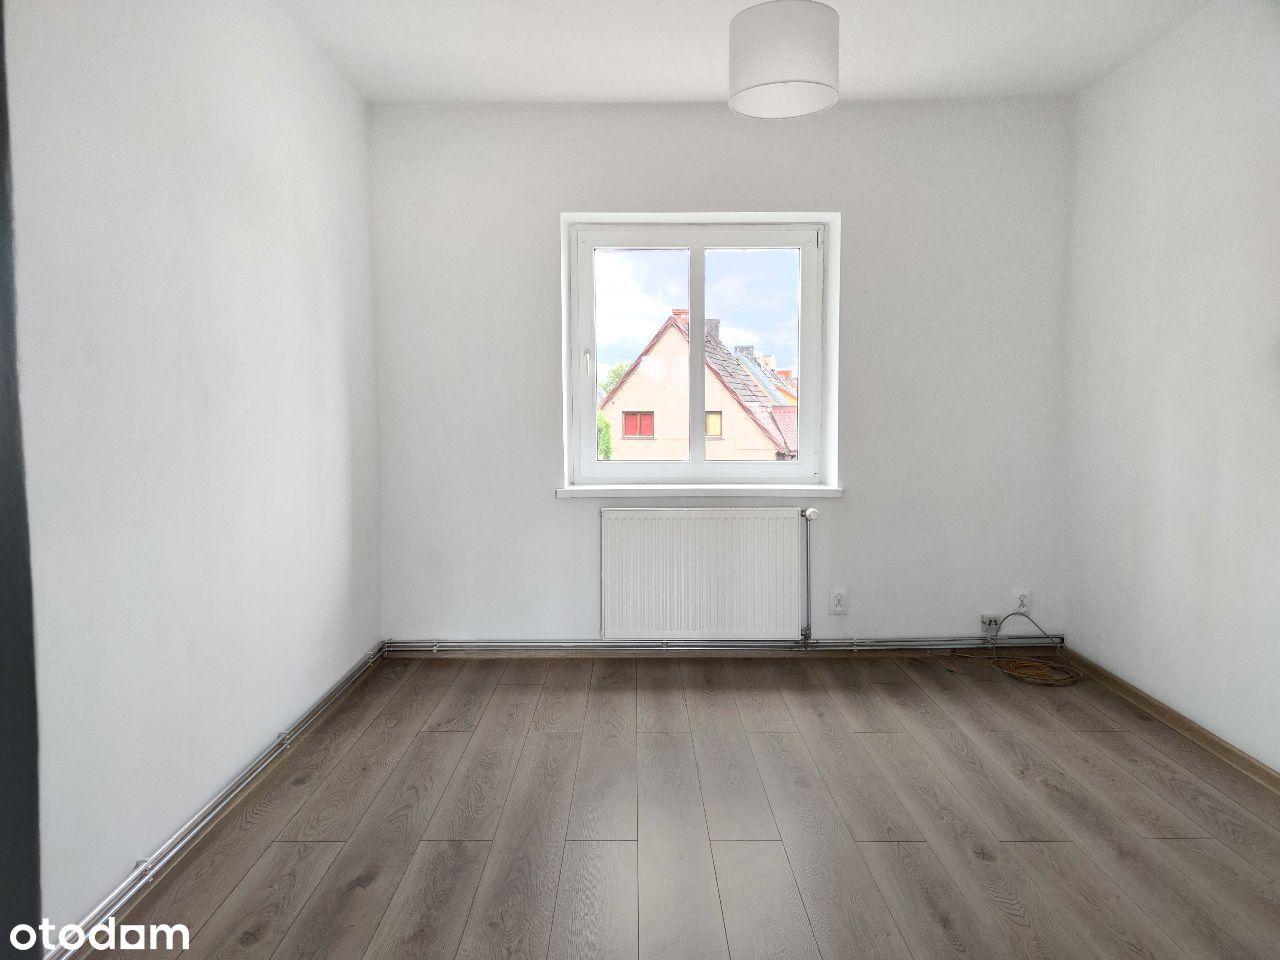 Mieszkanie 40 m2, 2 pokoje + poddasze z antresolą